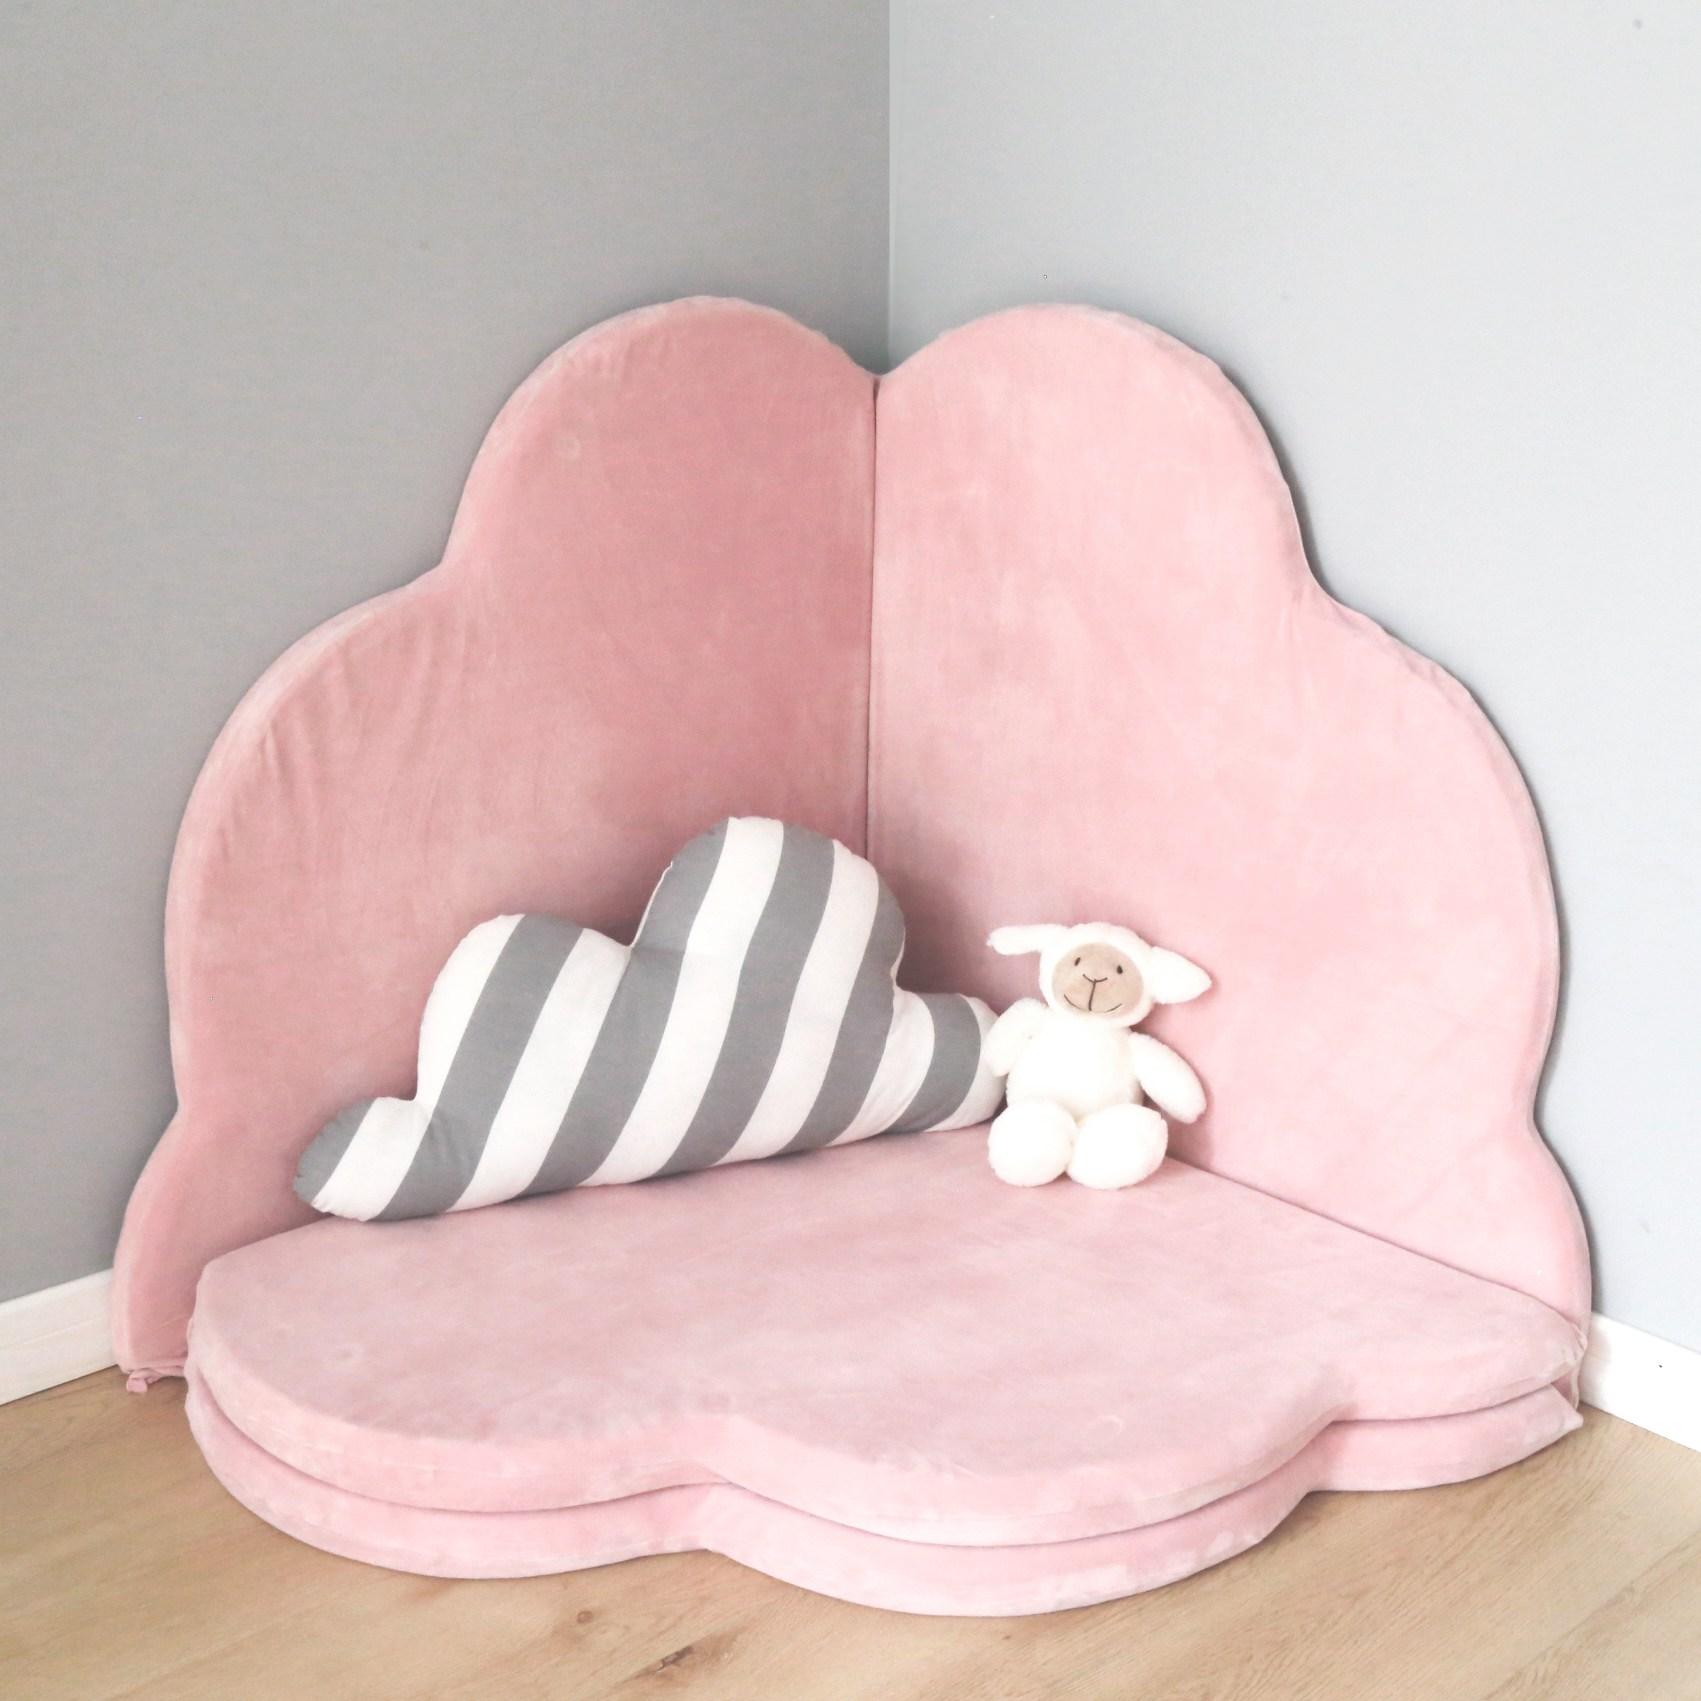 요요하우스 북유럽풍 아기방 원형러그 구름쿠션, 핑크